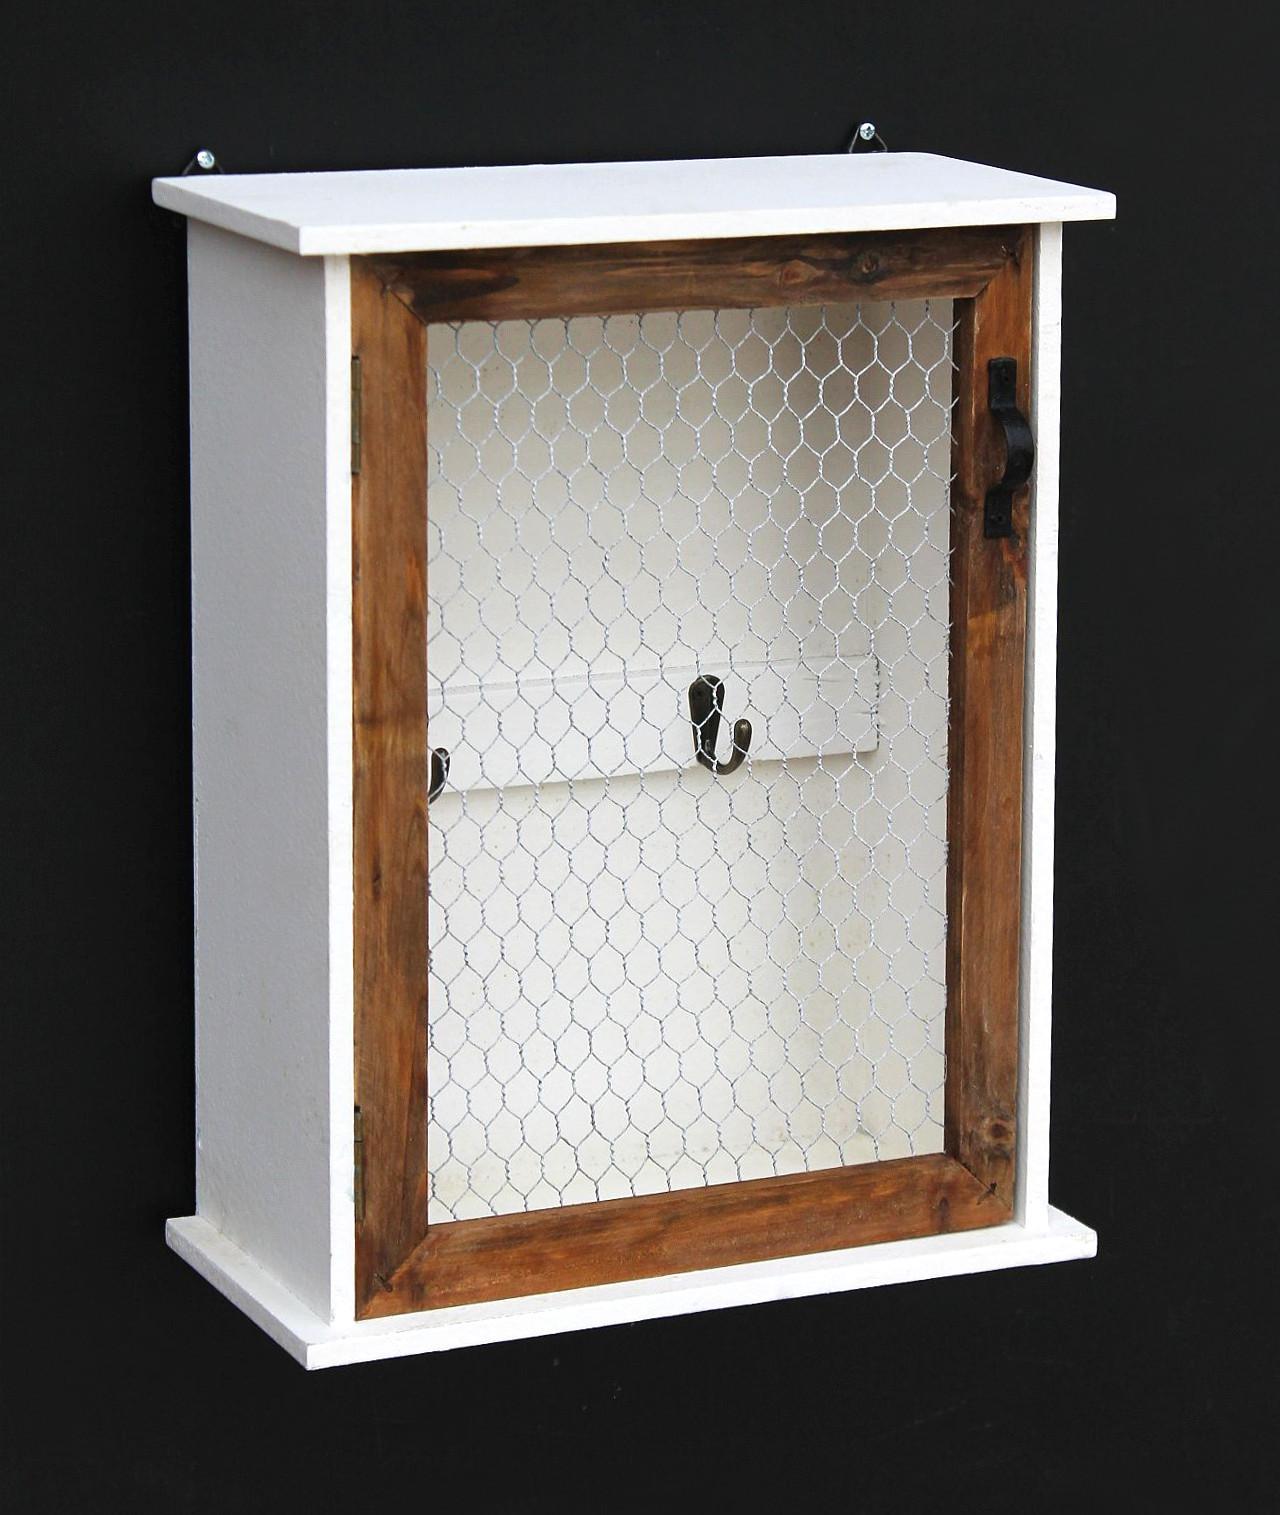 21 x 28 x 7 cm, con 6 ganchos color natural y blanco Armario para llaves con forma de b/úho